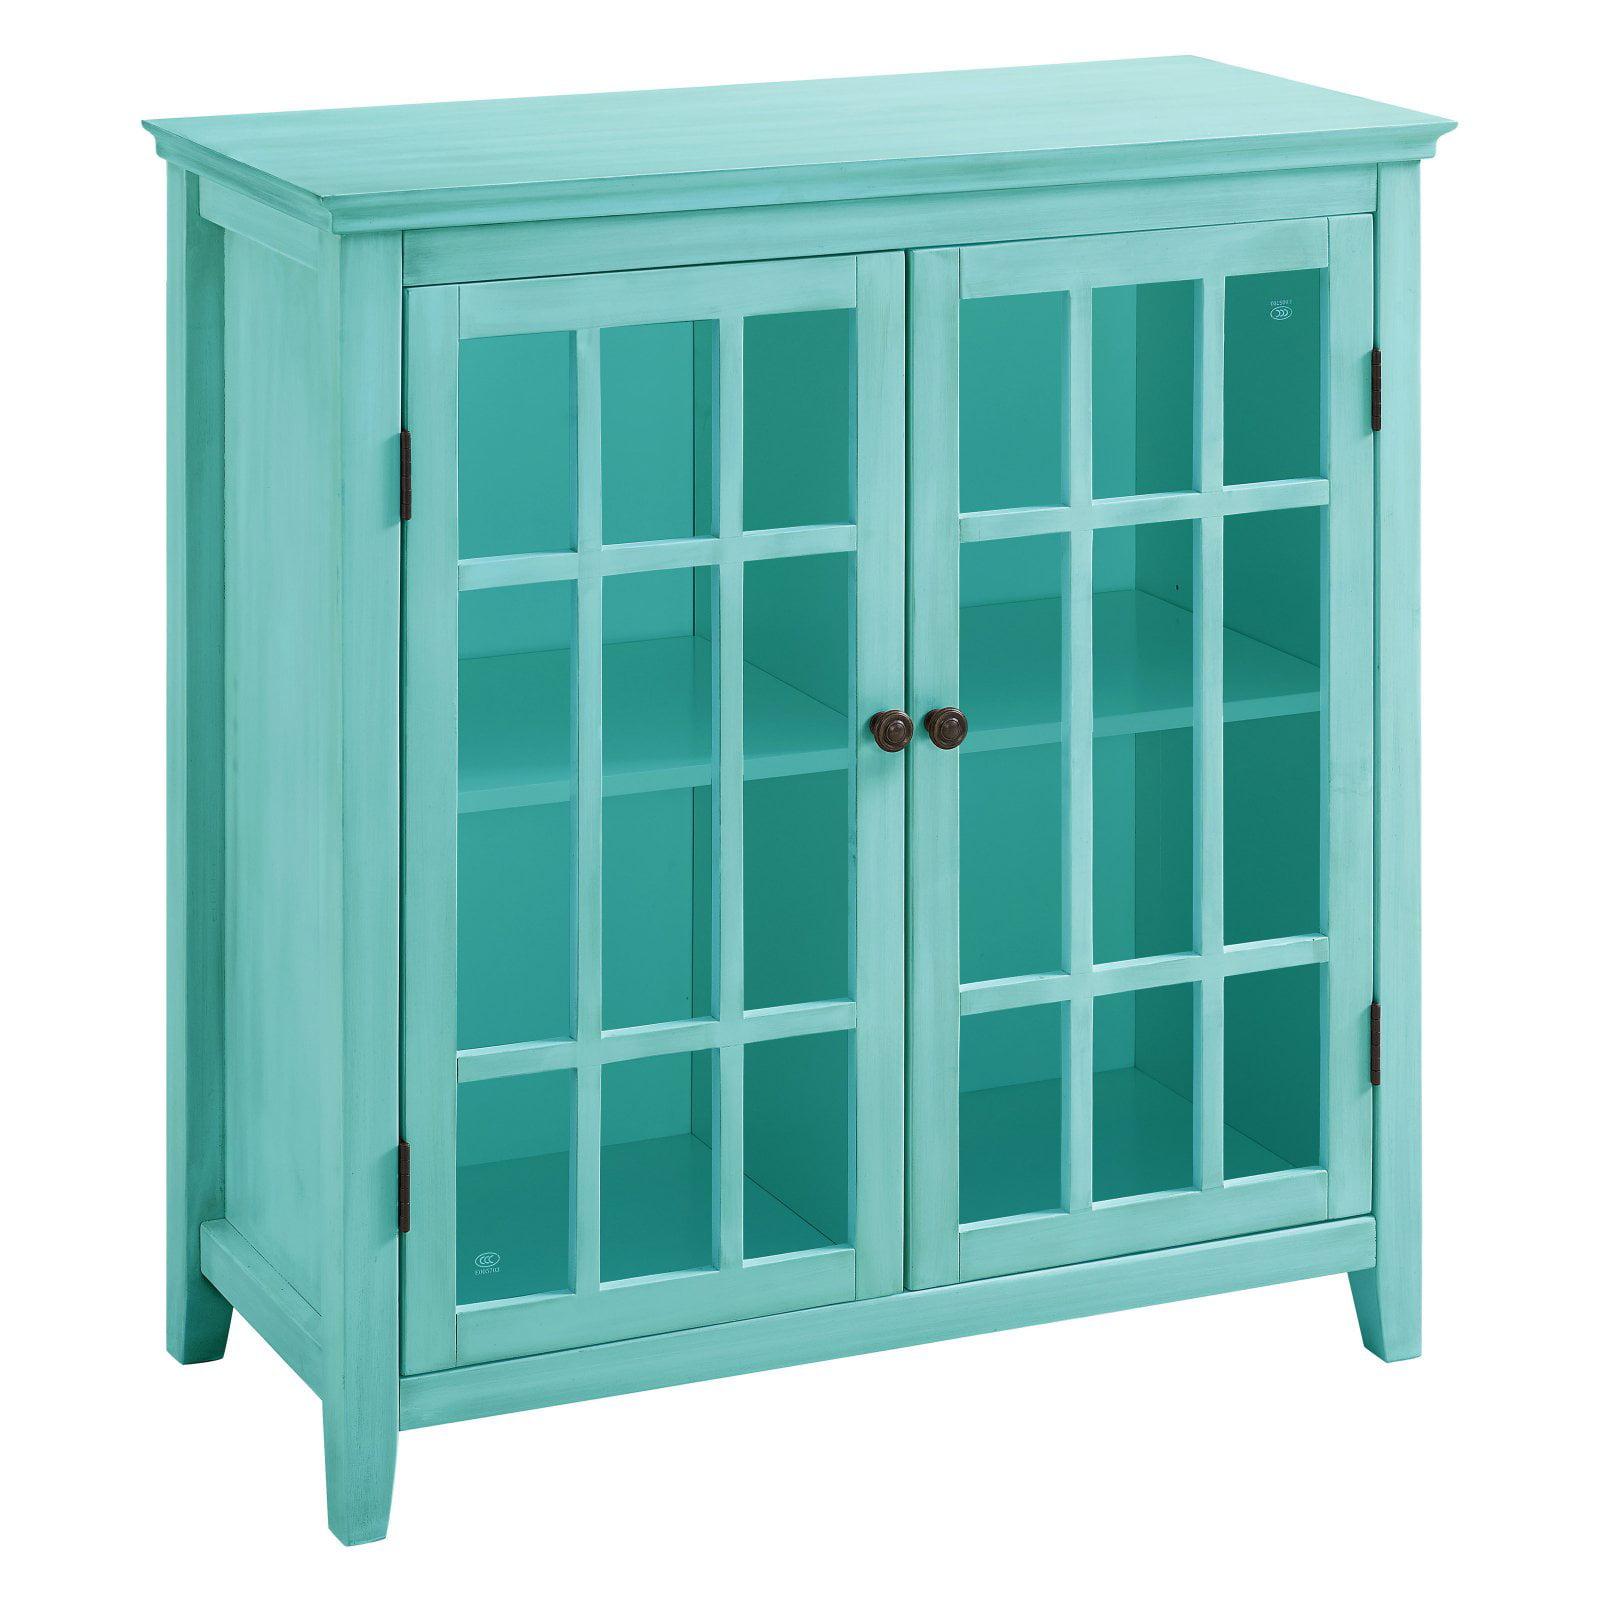 Linon Home Decor Largo Antique Double Door Cabinet, Multiple Colors